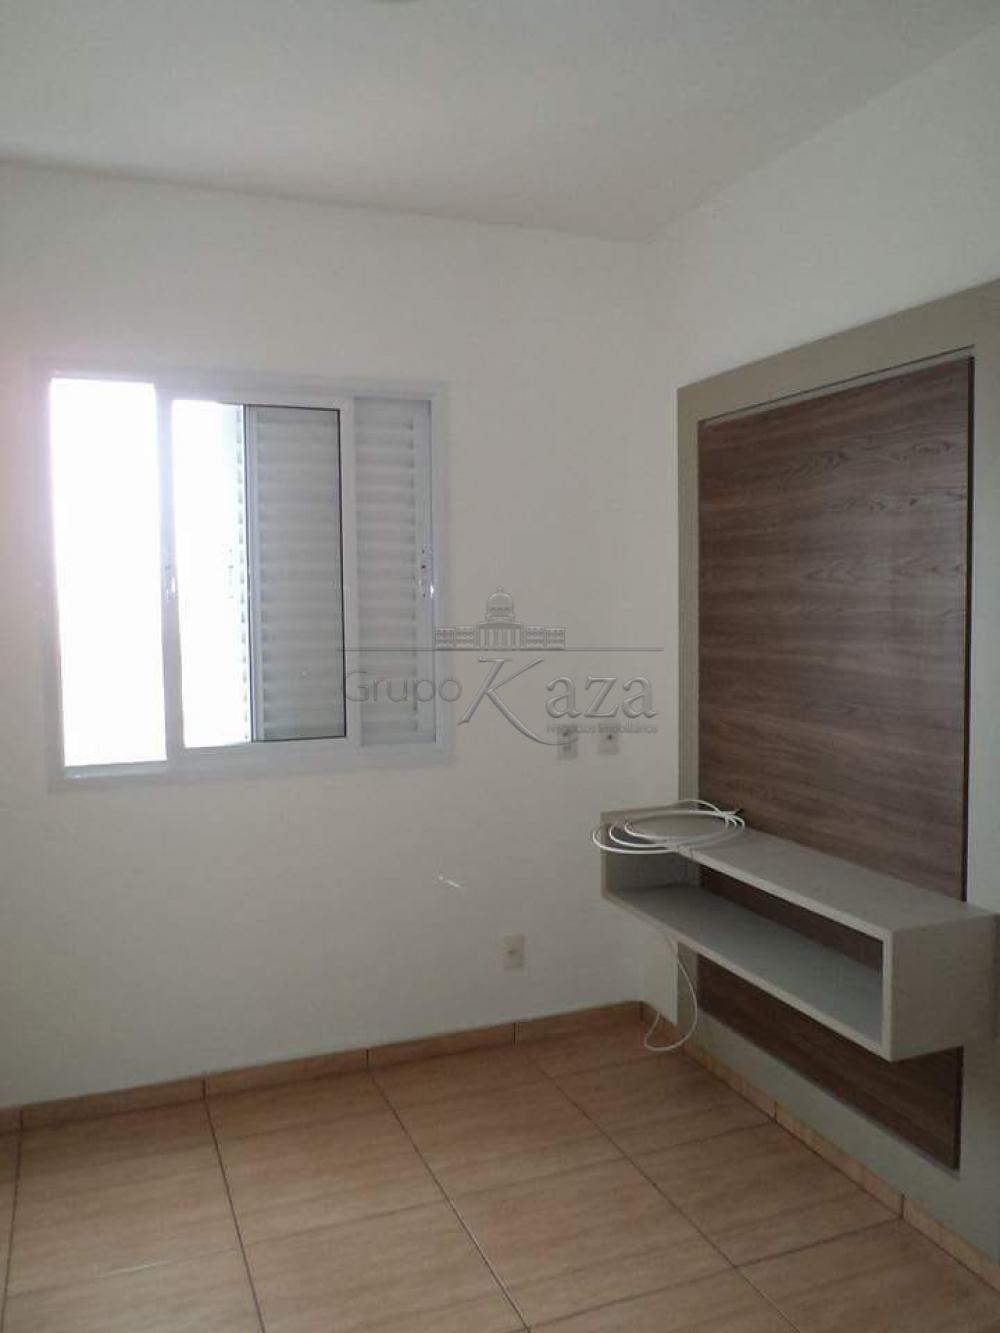 alt='Alugar Apartamento / Padrão em São José dos Campos R$ 1.250,00 - Foto 3' title='Alugar Apartamento / Padrão em São José dos Campos R$ 1.250,00 - Foto 3'